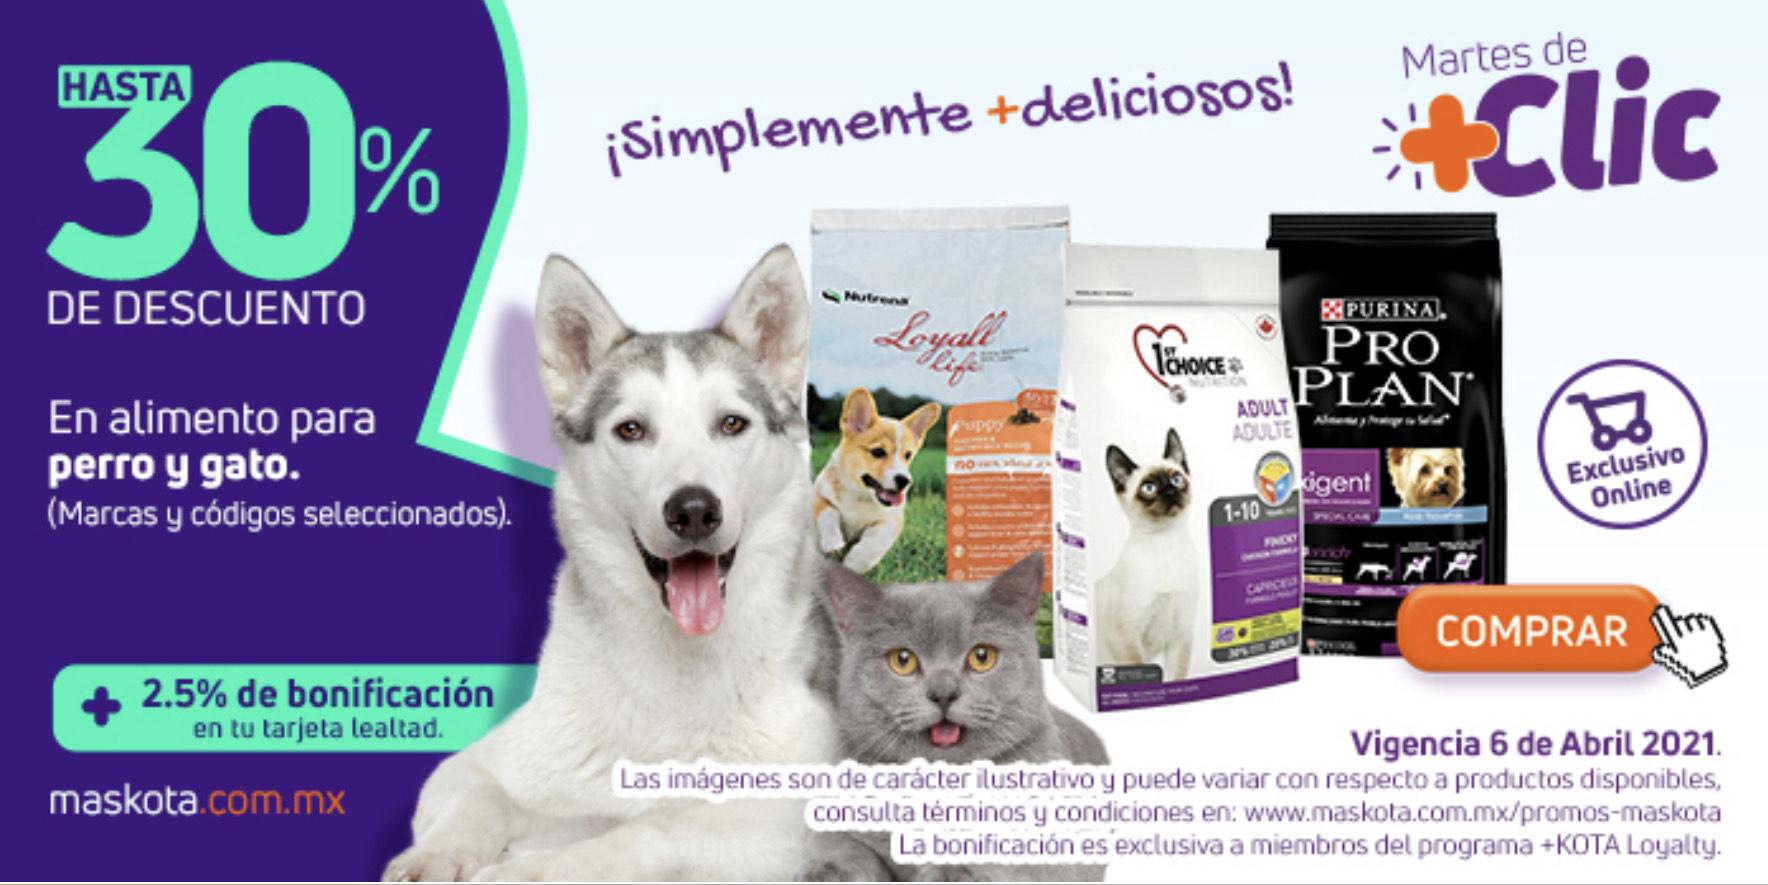 maskota online: alimento para perros y gatos hasta 30% + bonificación